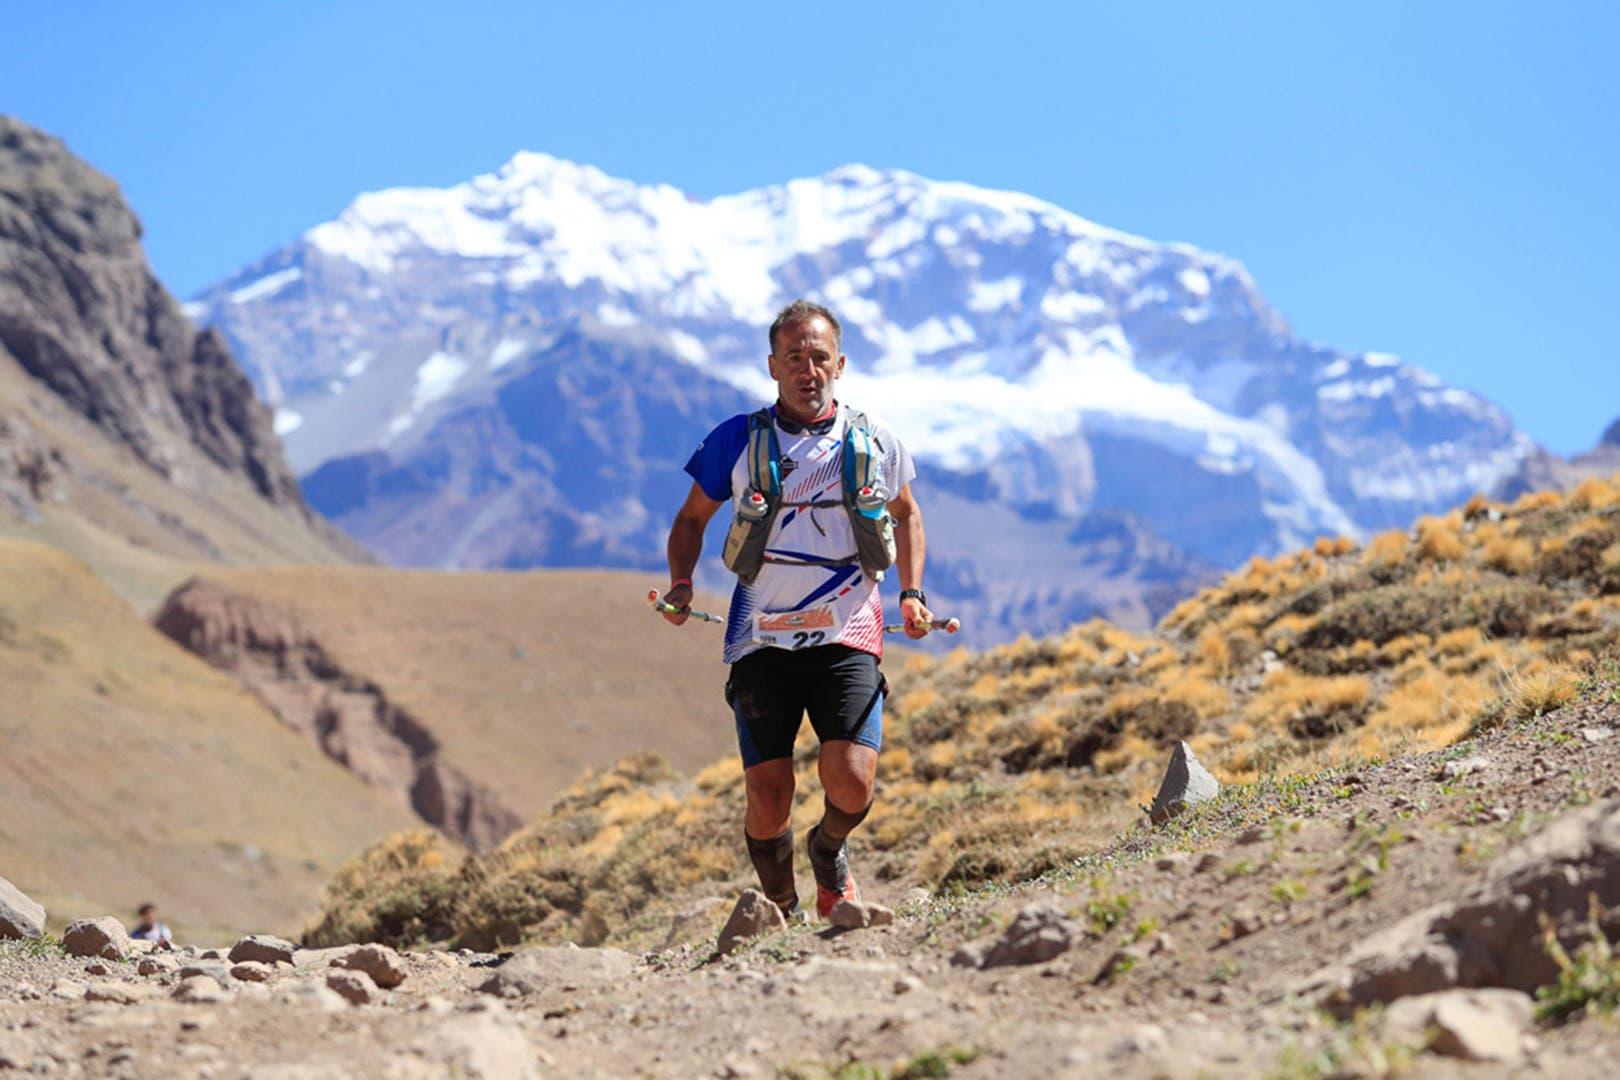 En la montaña, como en la vida, hay imponderables y cosas que uno no puede manejar. Por eso el objetivo debe ser disfrutar los pasos.